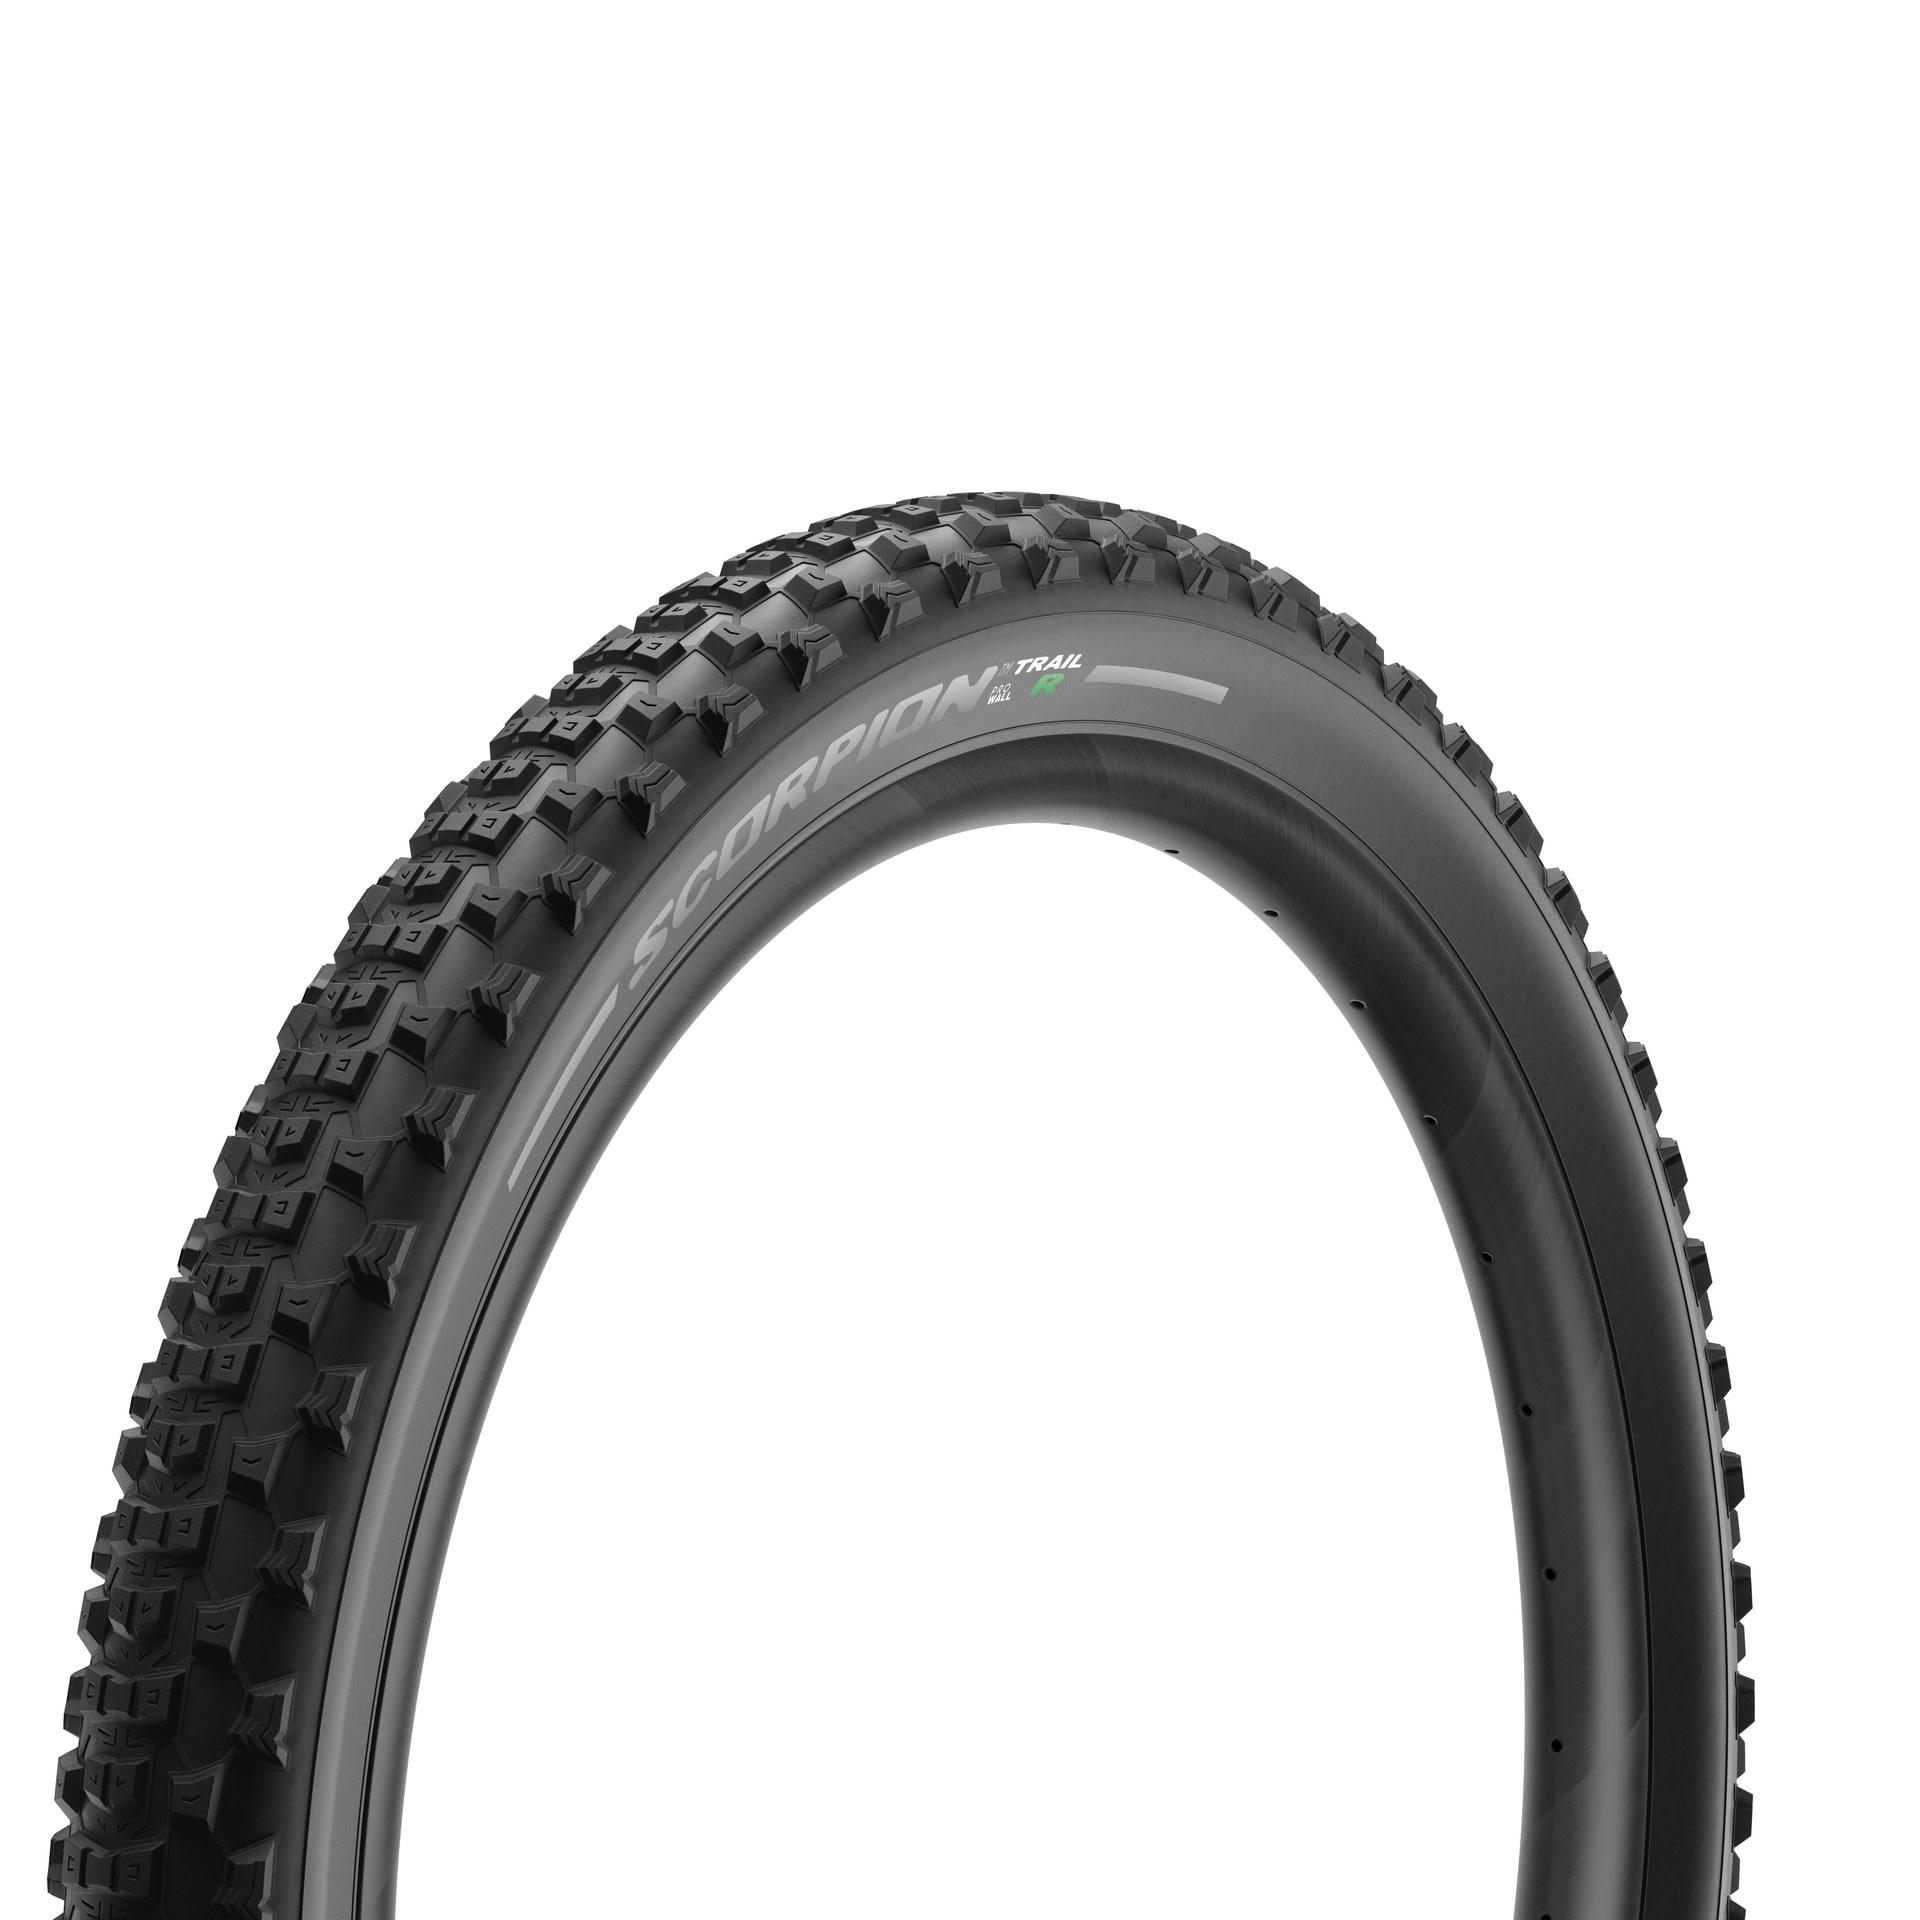 Scorpion Trail Rear  27.5 x 2.4-2